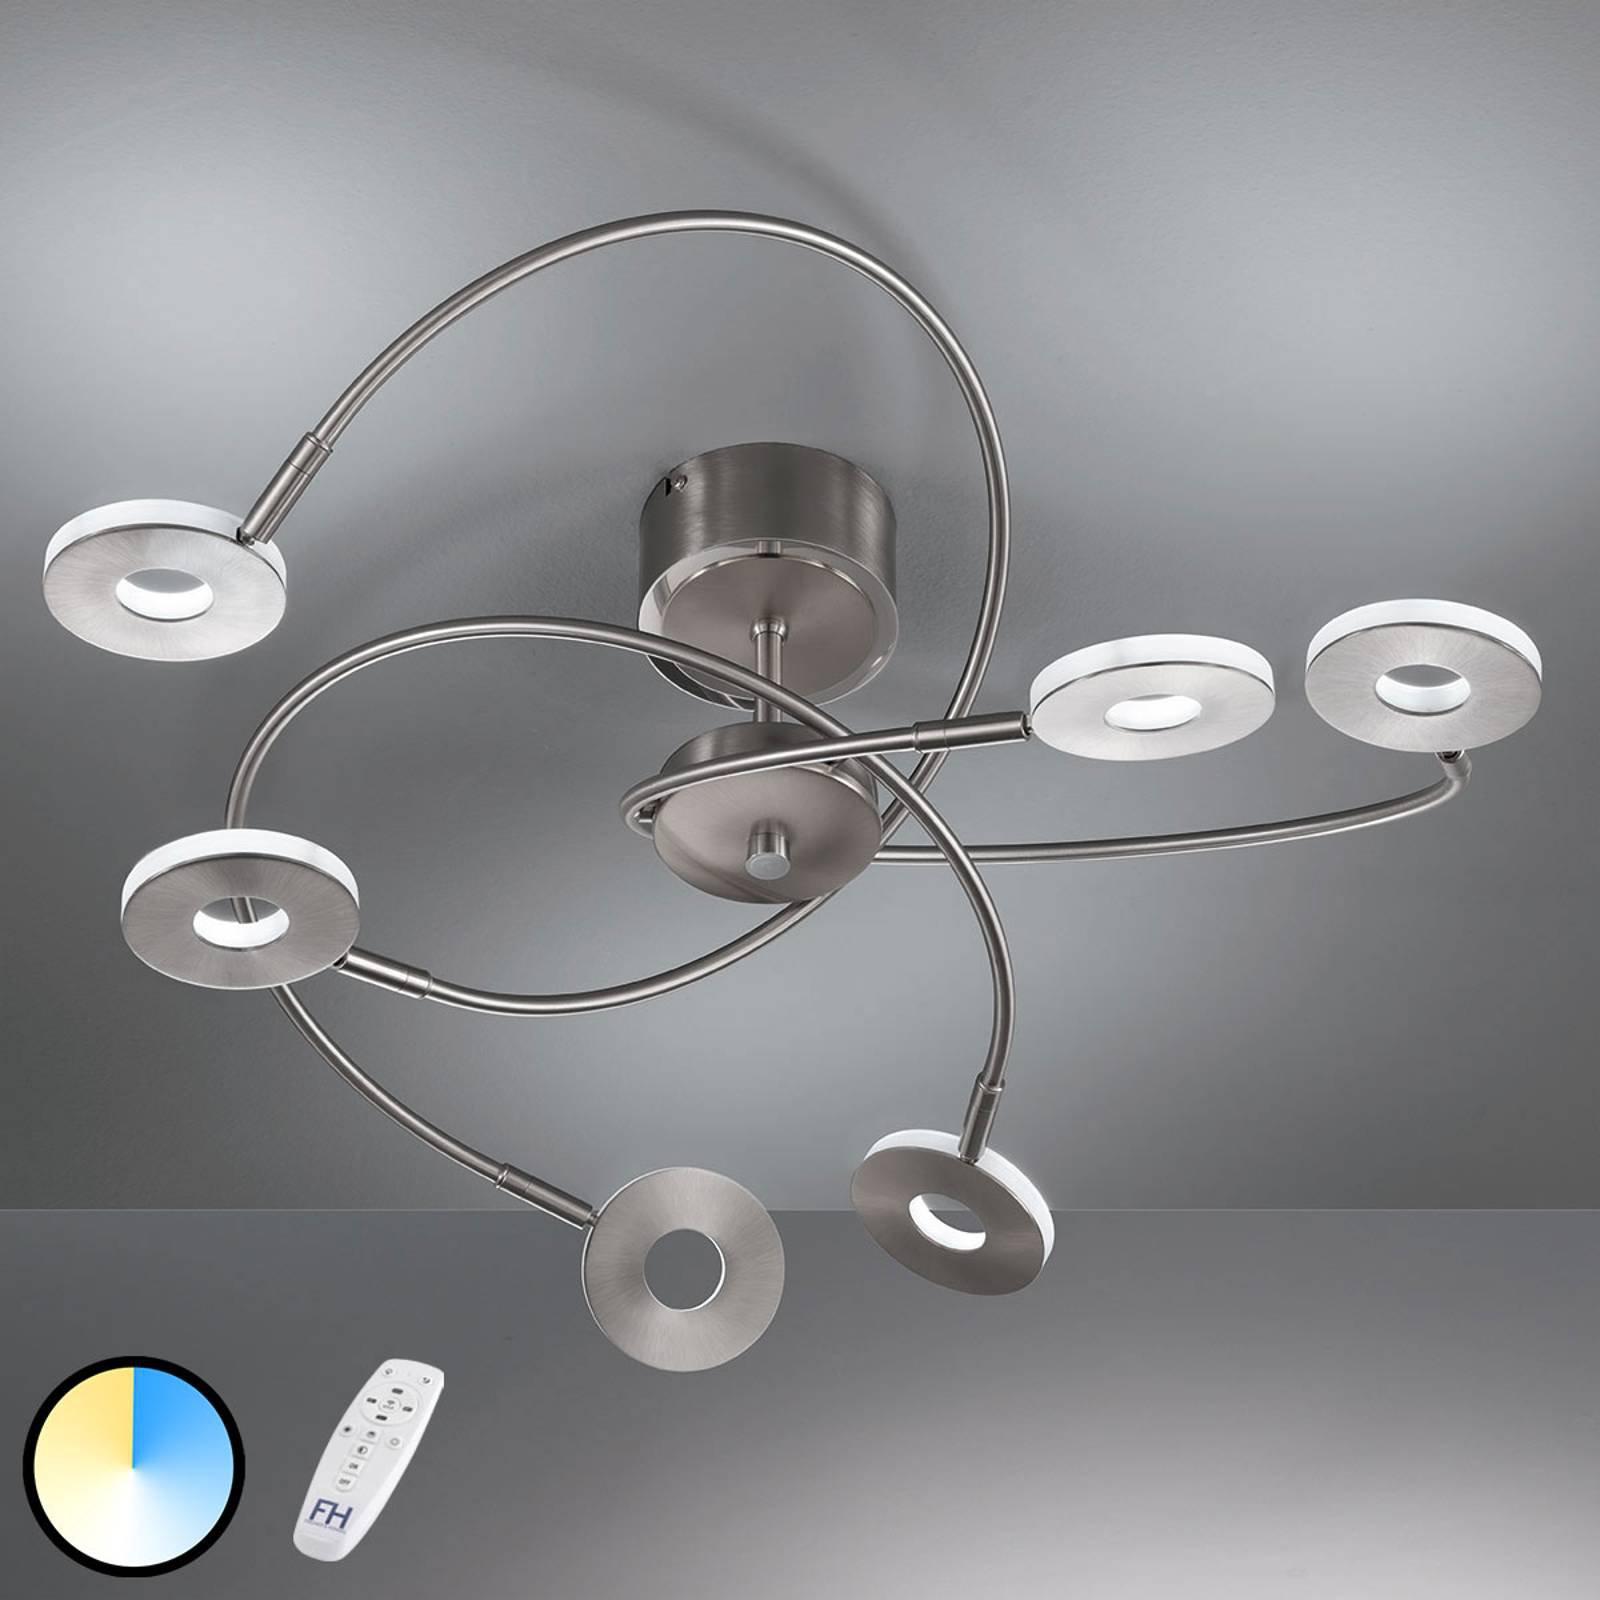 Taklampe Dent, CCT, 6 lyskilder, nikkel